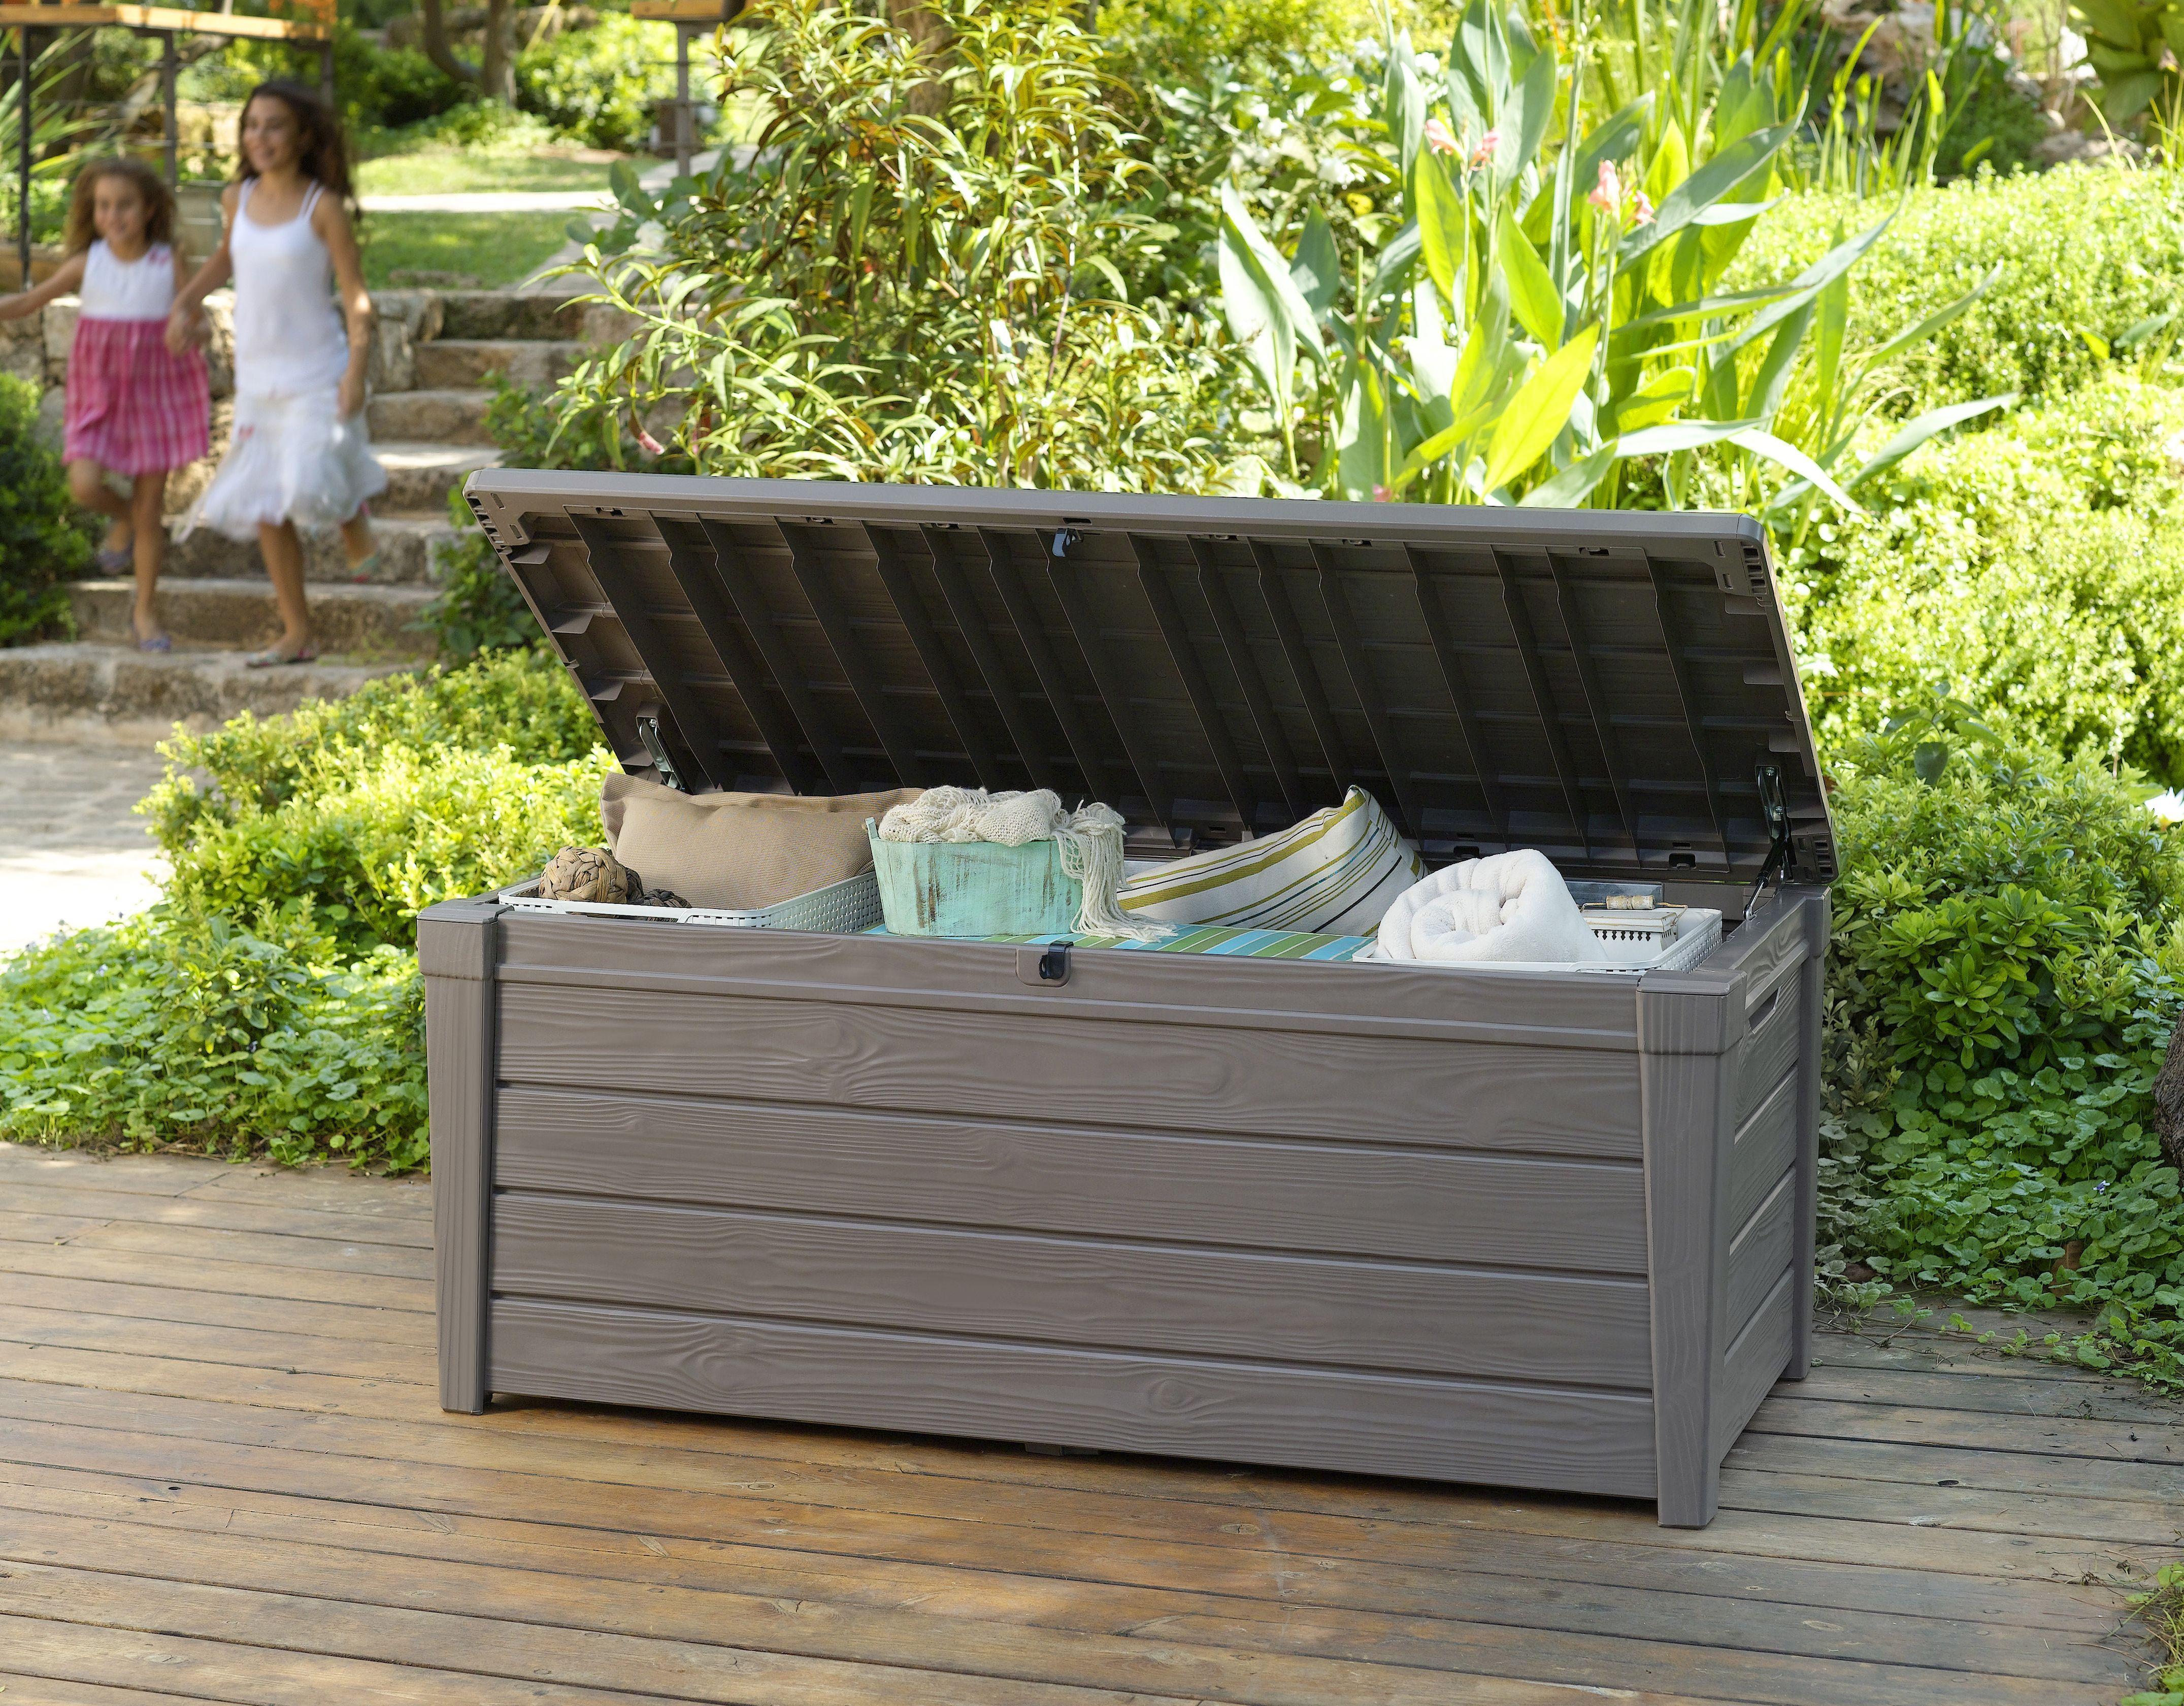 Bescherm je tuinspullen met de juiste hoezen en opbergboxen